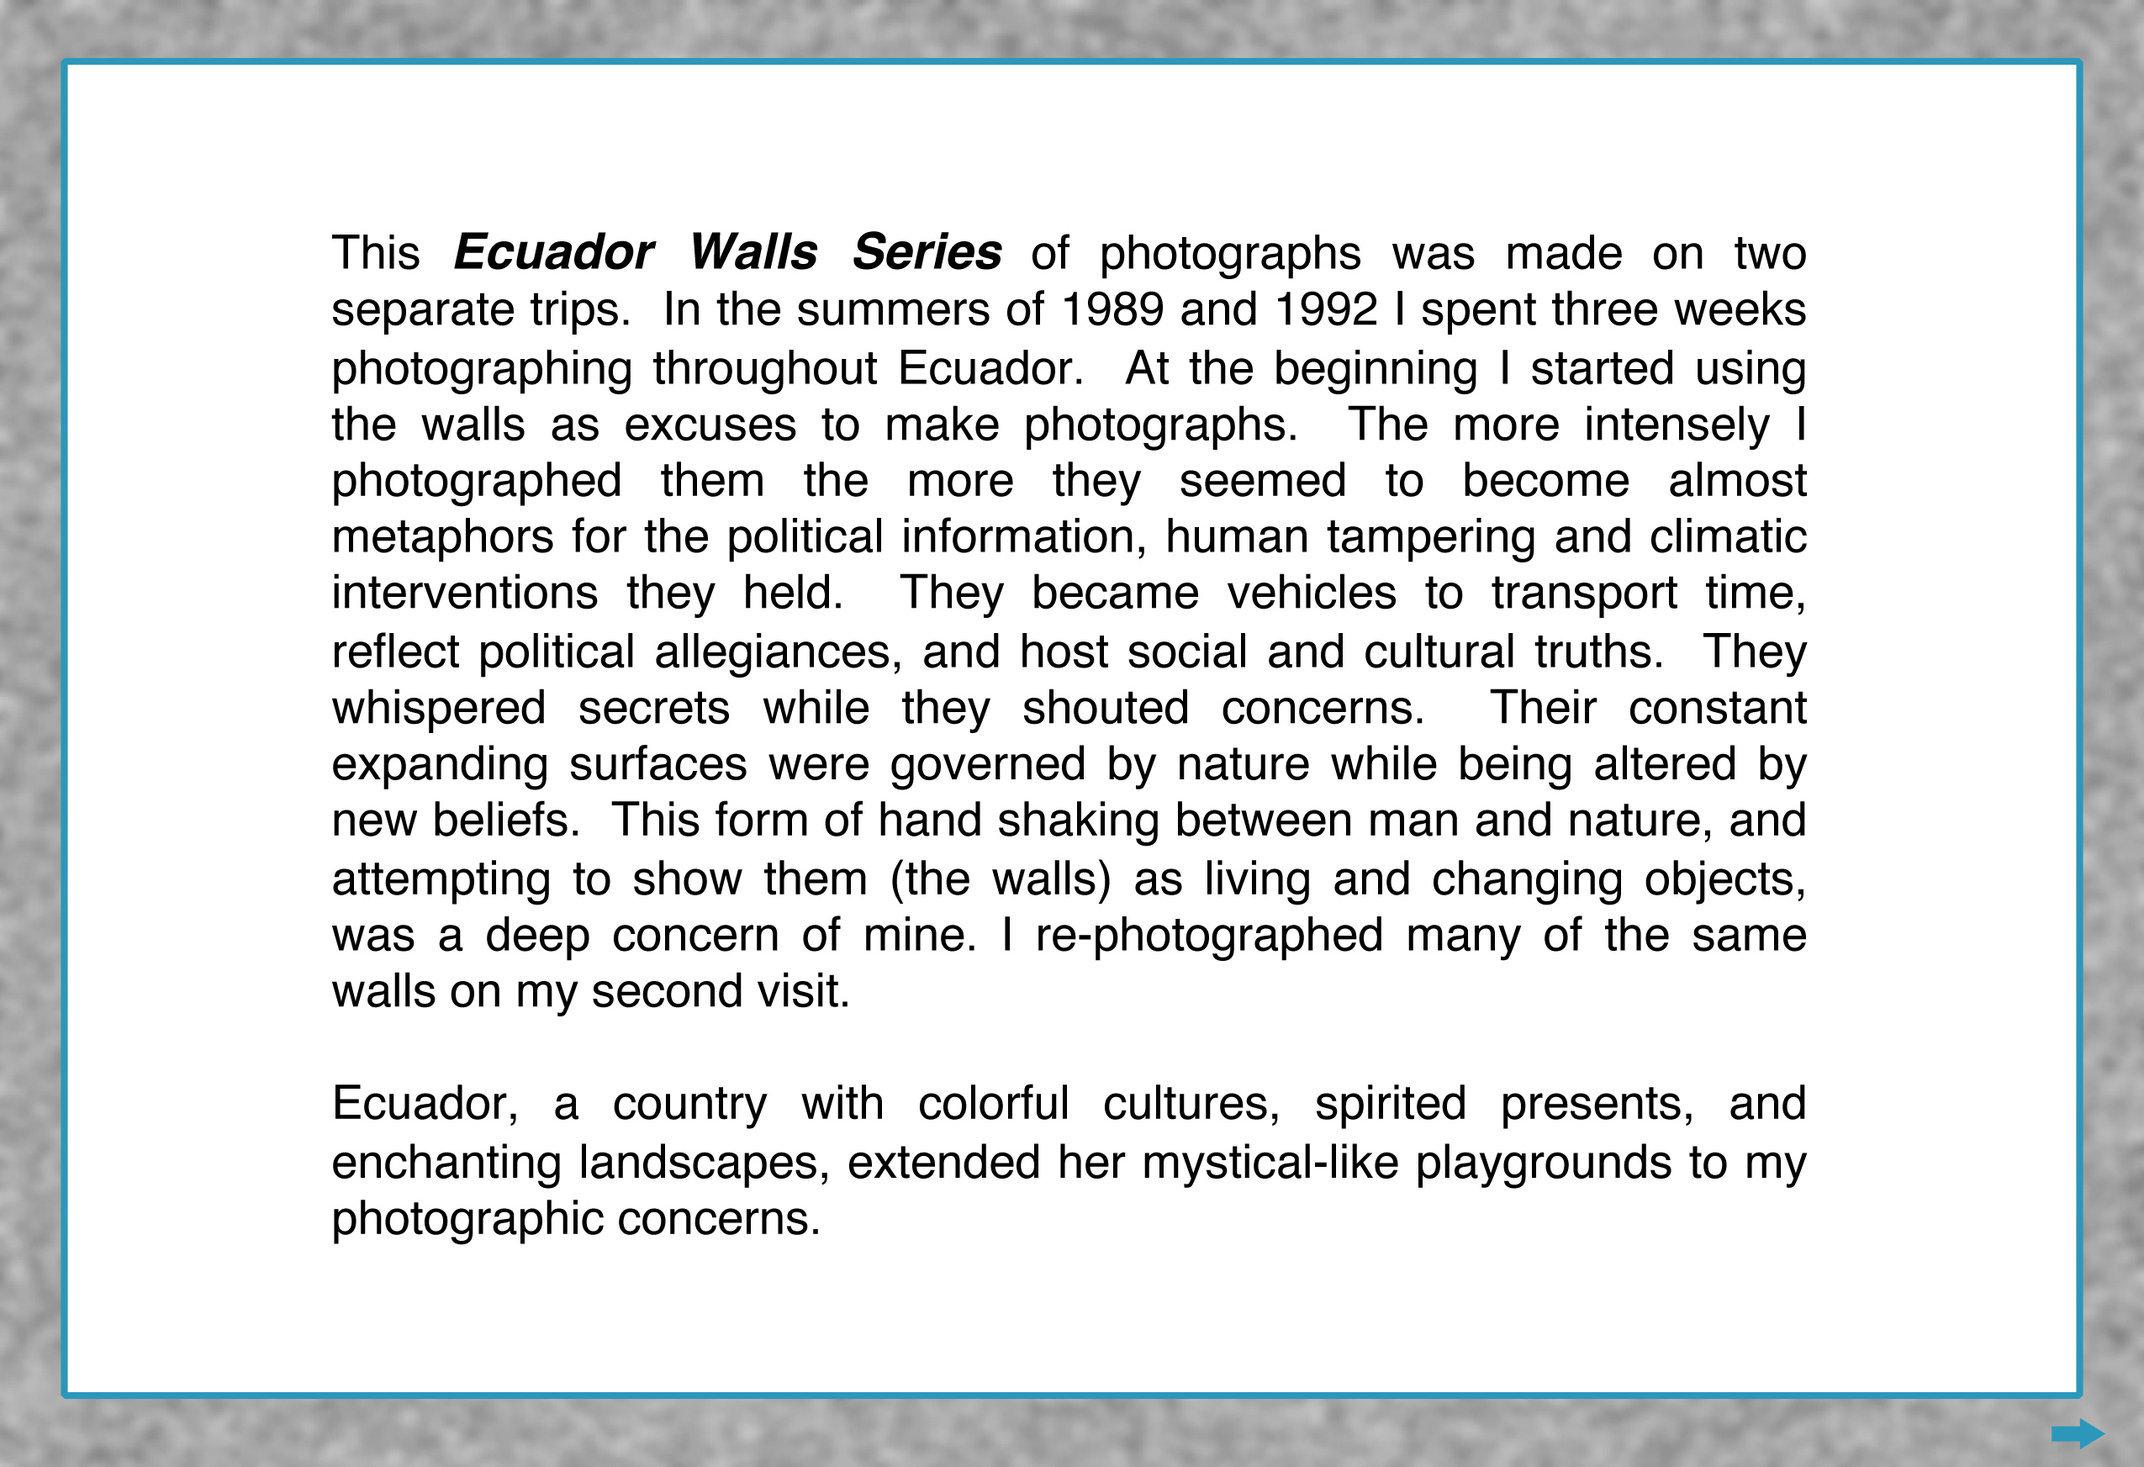 Ecuador Walls Statement smaller.png